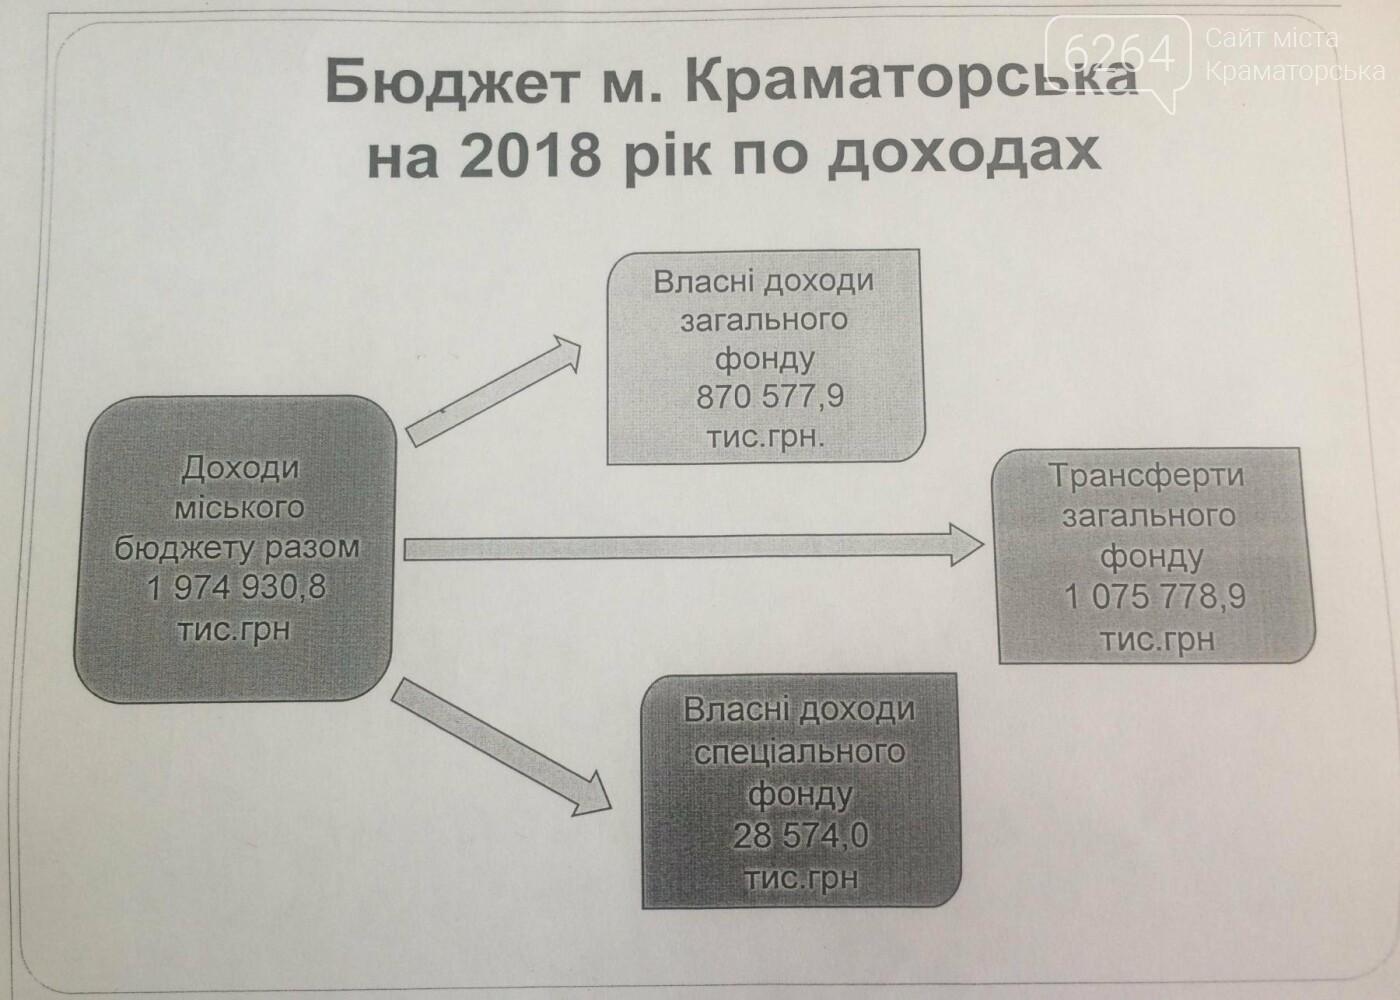 В Краматорске утвержден городской бюджет на 2018 год, фото-2